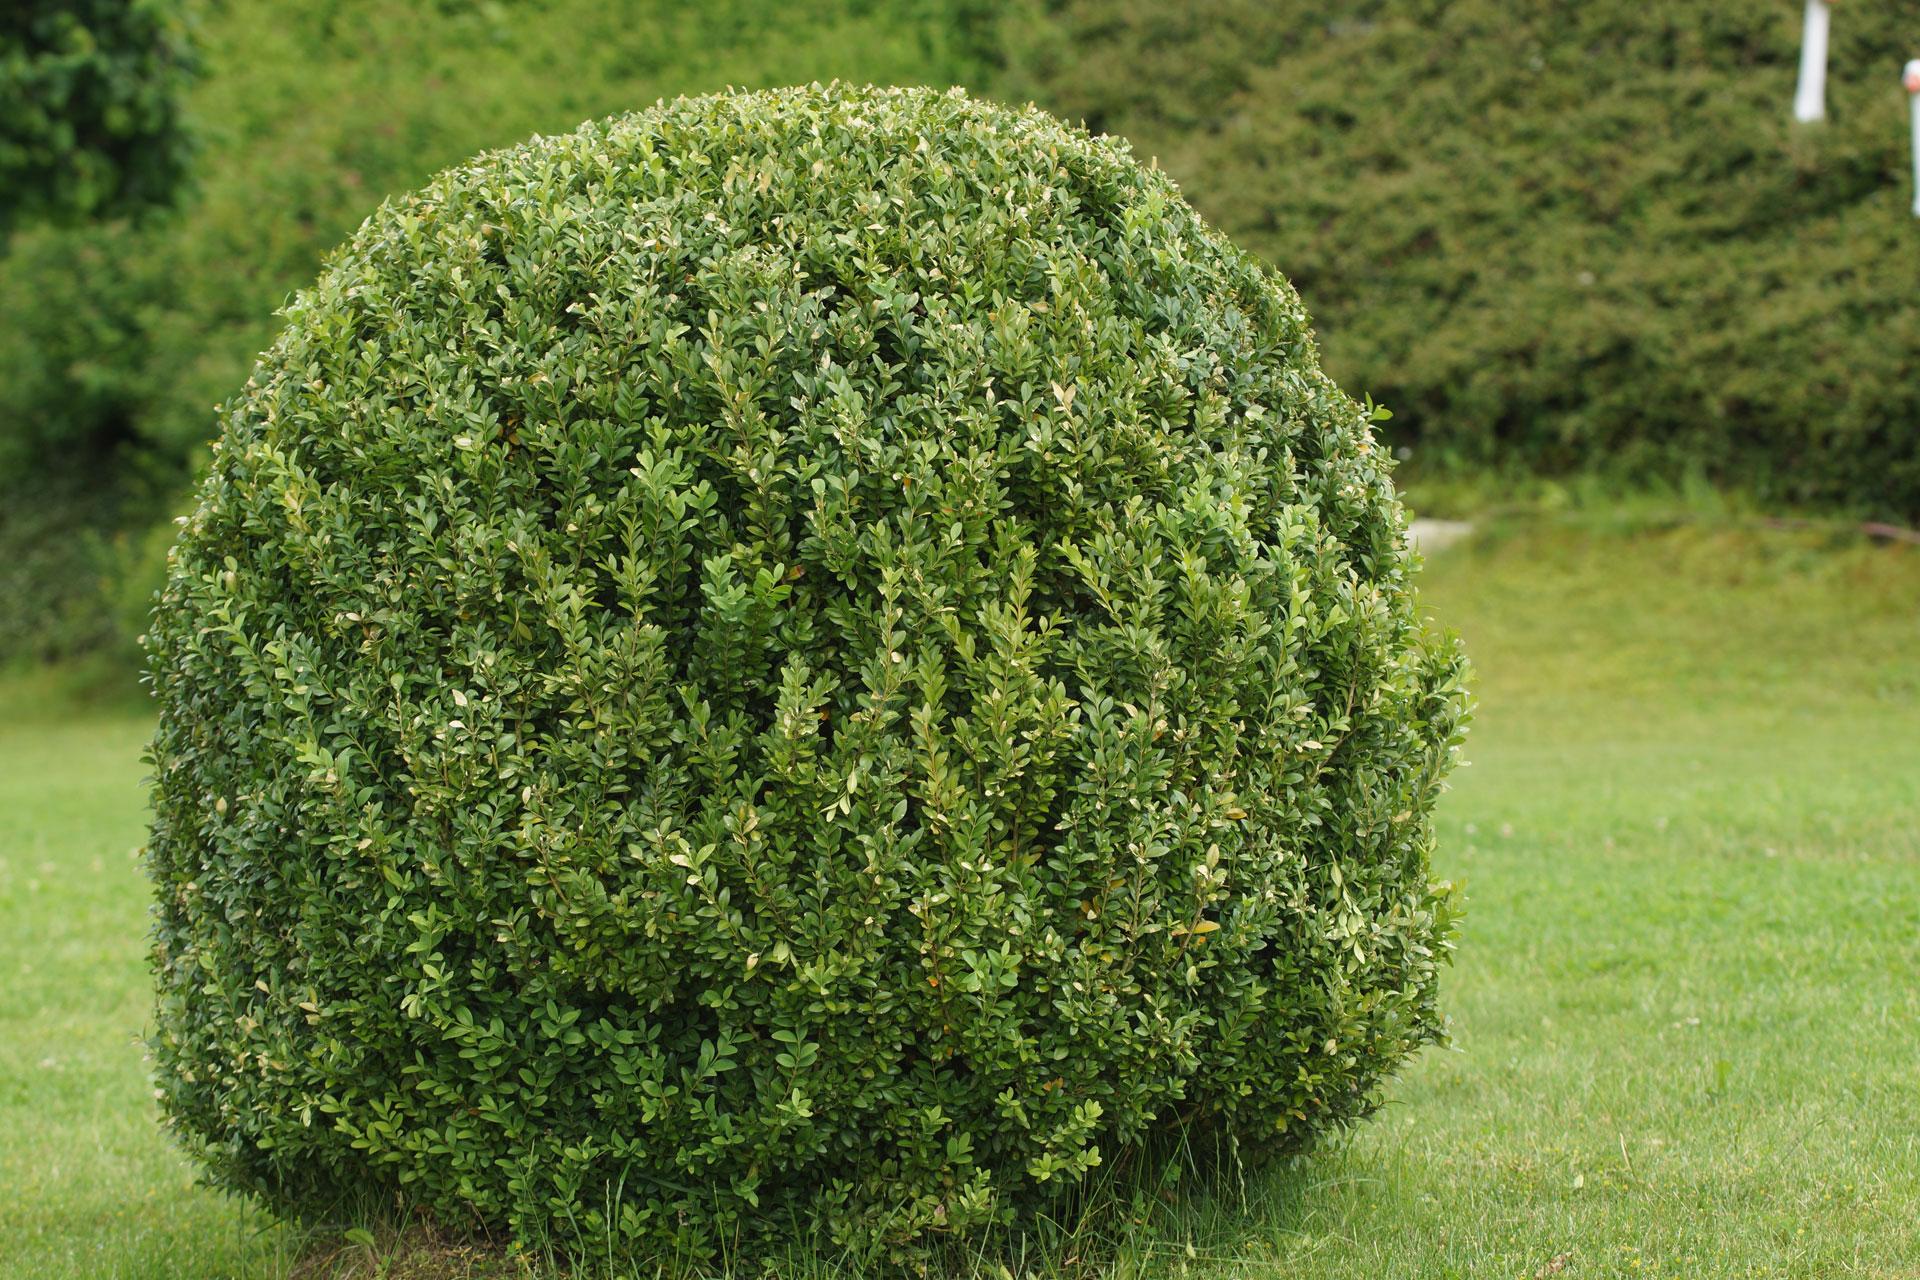 buchsbaum richtig schnneiden mit videotipp | garteln